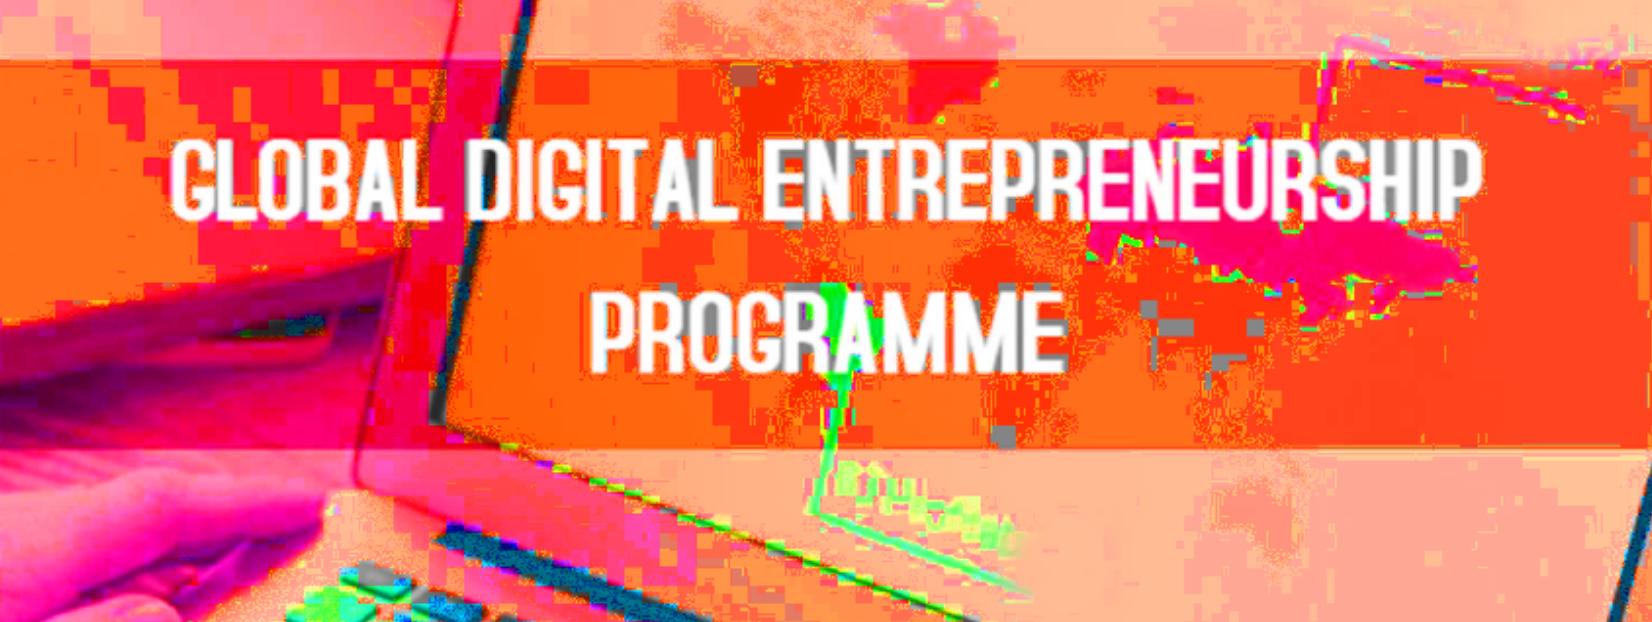 Global Digital Entrepreneurship Programme 2020